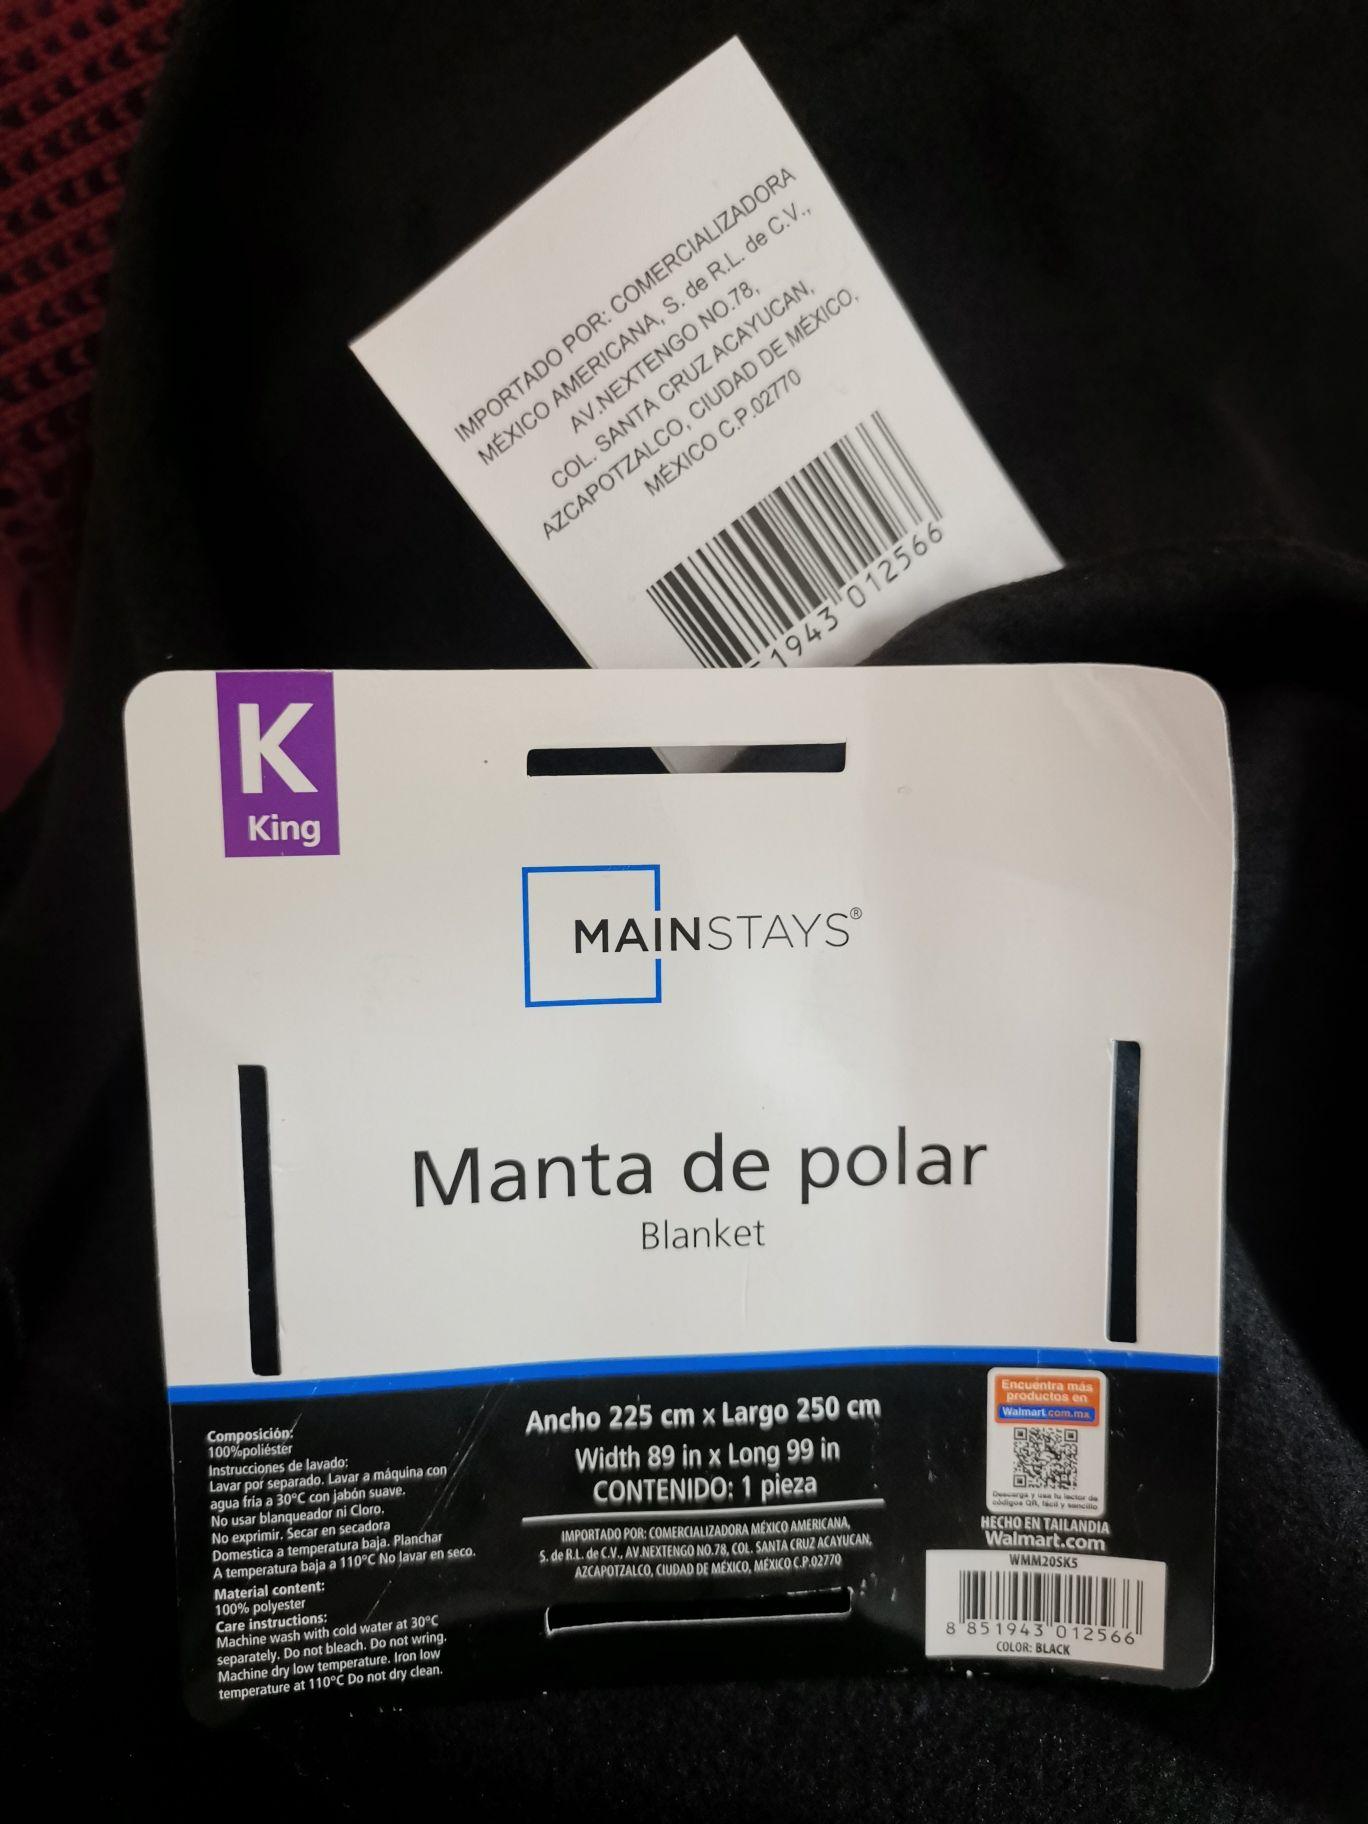 Walmart - Manta de polar negra king